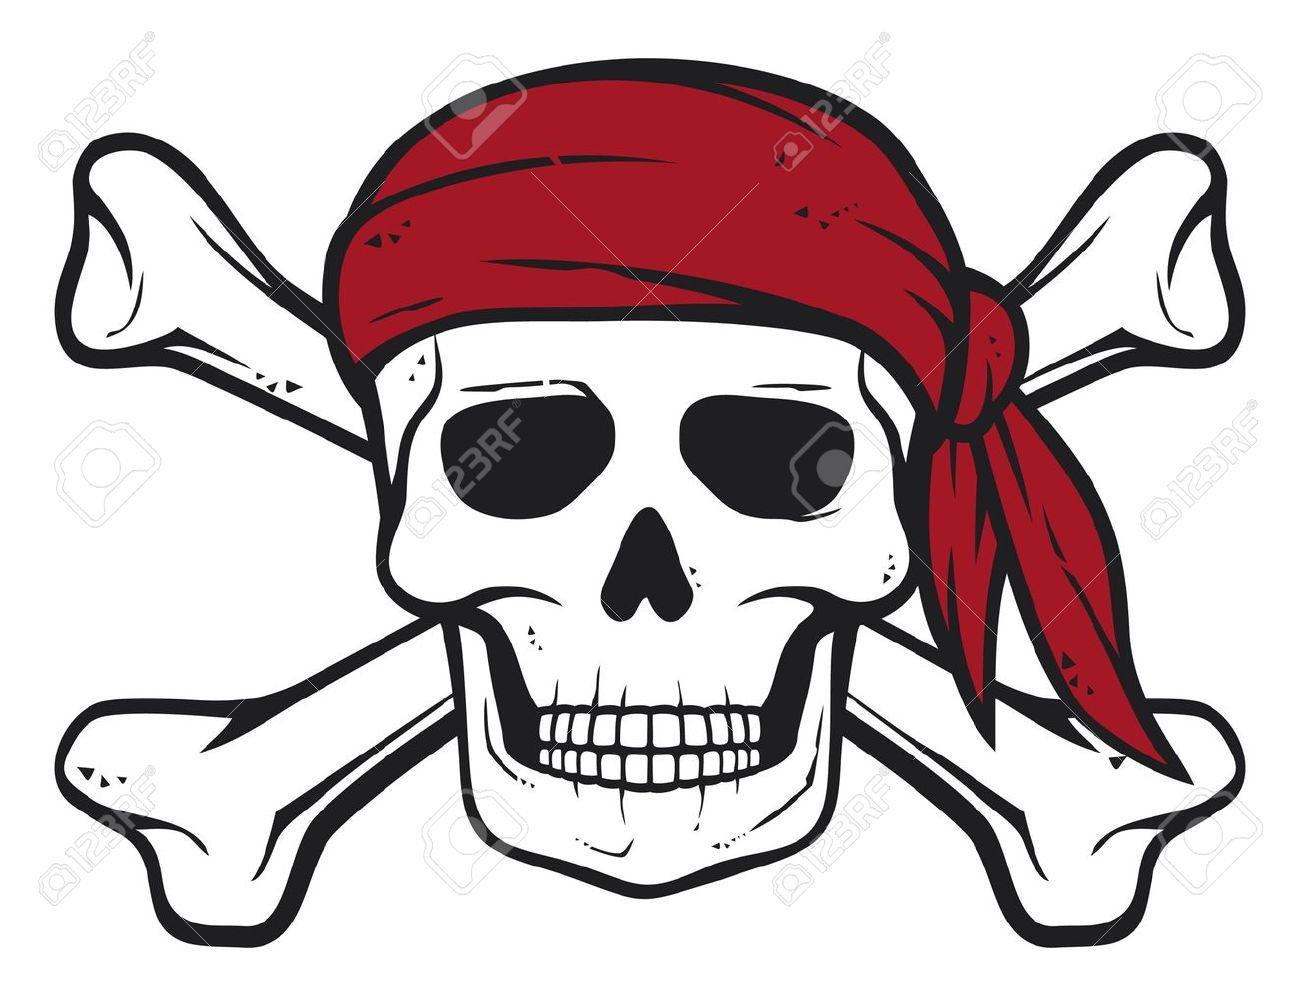 pirate skull red bandana and bones pirates symbol skull and rh 123rf com pirate skull and crossbones clip art free Printable Pirate Skull and Crossbones